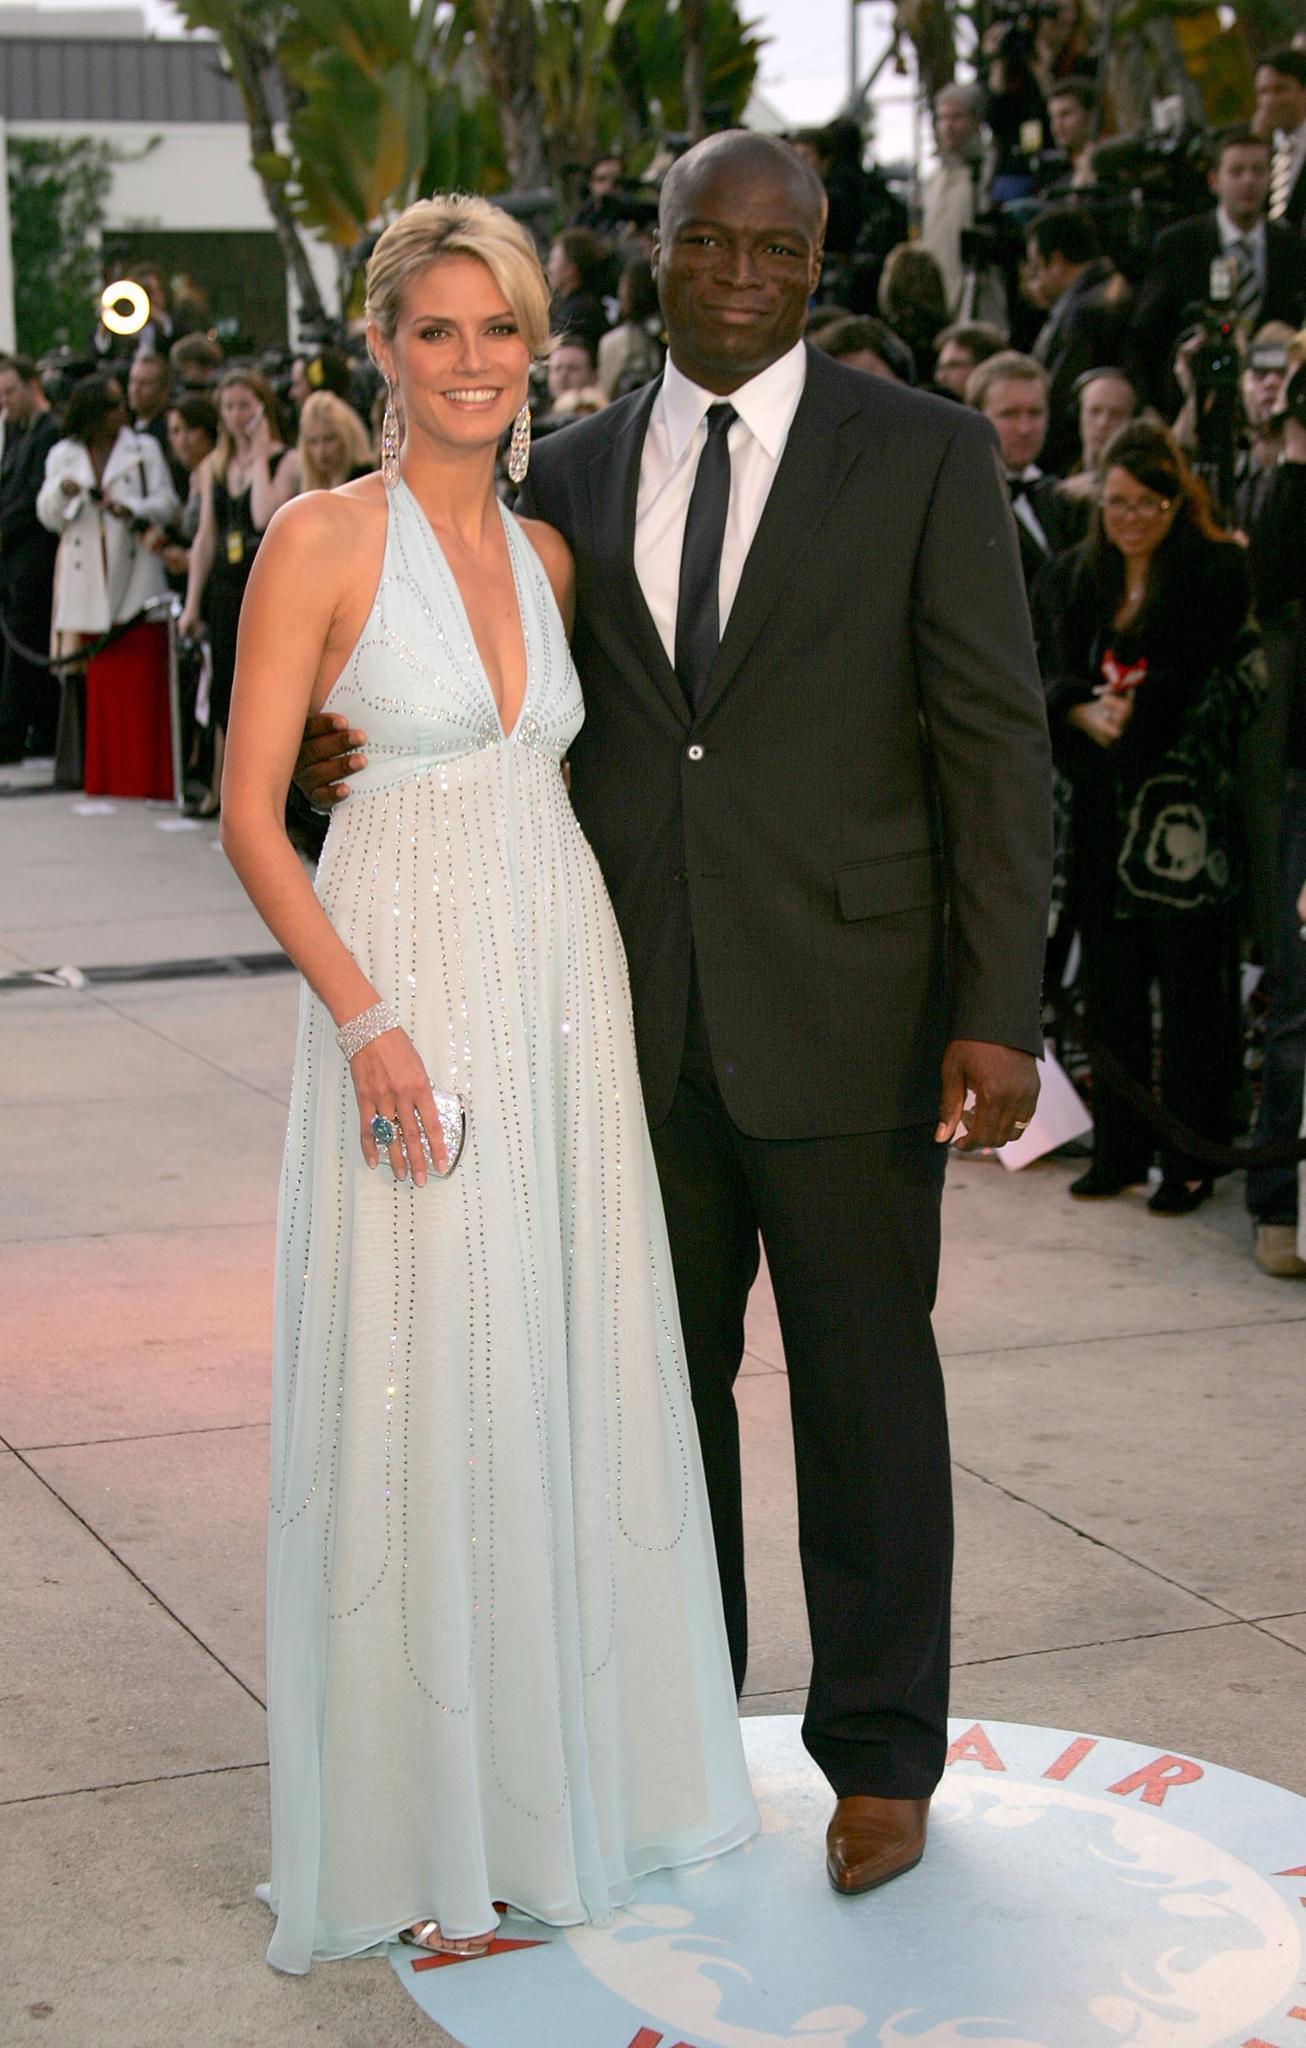 Heidi Klum & Seal: Das Glamour-Paar  Mit Sänger Seal datetHeidi ihren wohl berühmtesten Partner. Während ihrer achtjährigen Ehe nimmt der britische Soulsänger seine bessere, blonde Hälfte mit auf die roten Teppiche dieser Welt und umgekehrt.